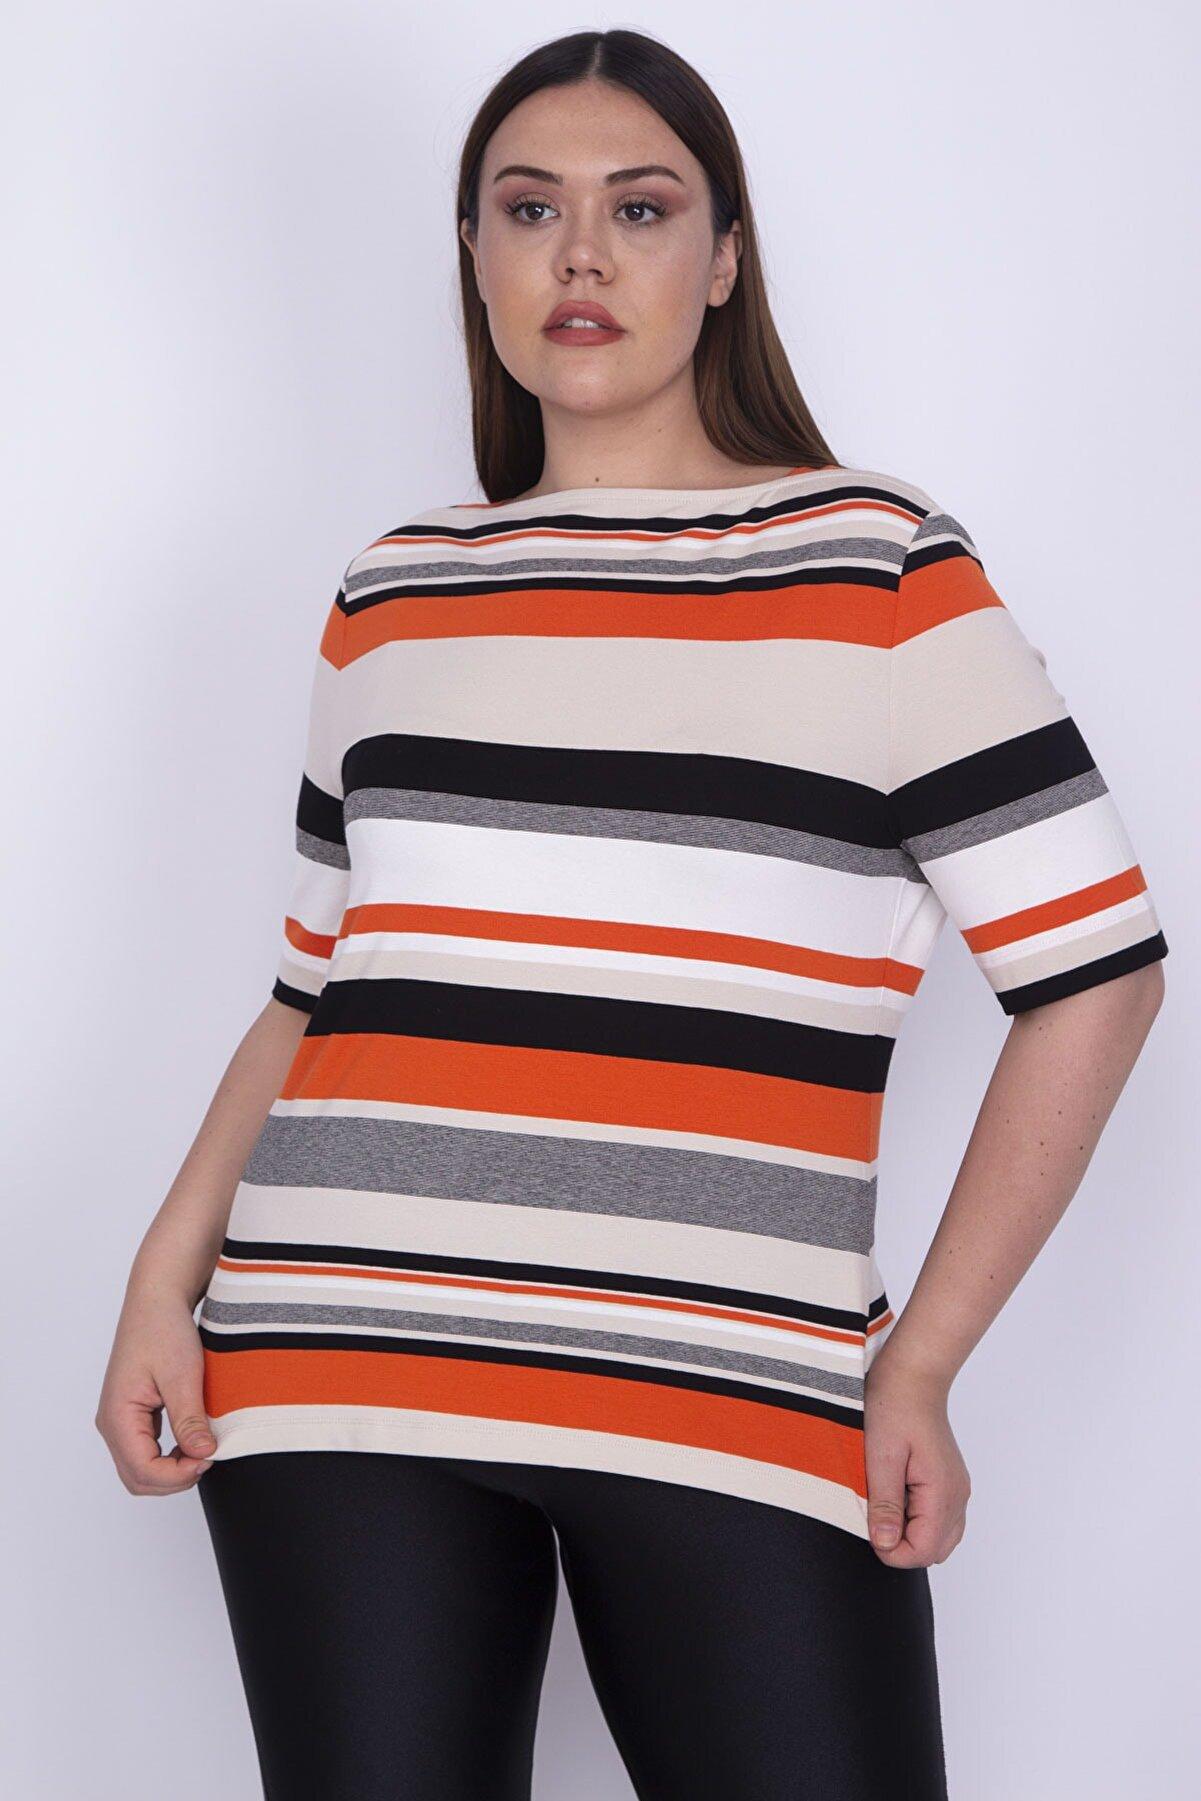 Şans Kadın Renkli Kare Yakalı Çizgili Viskon Kısa Kollu Bluz 65N26216